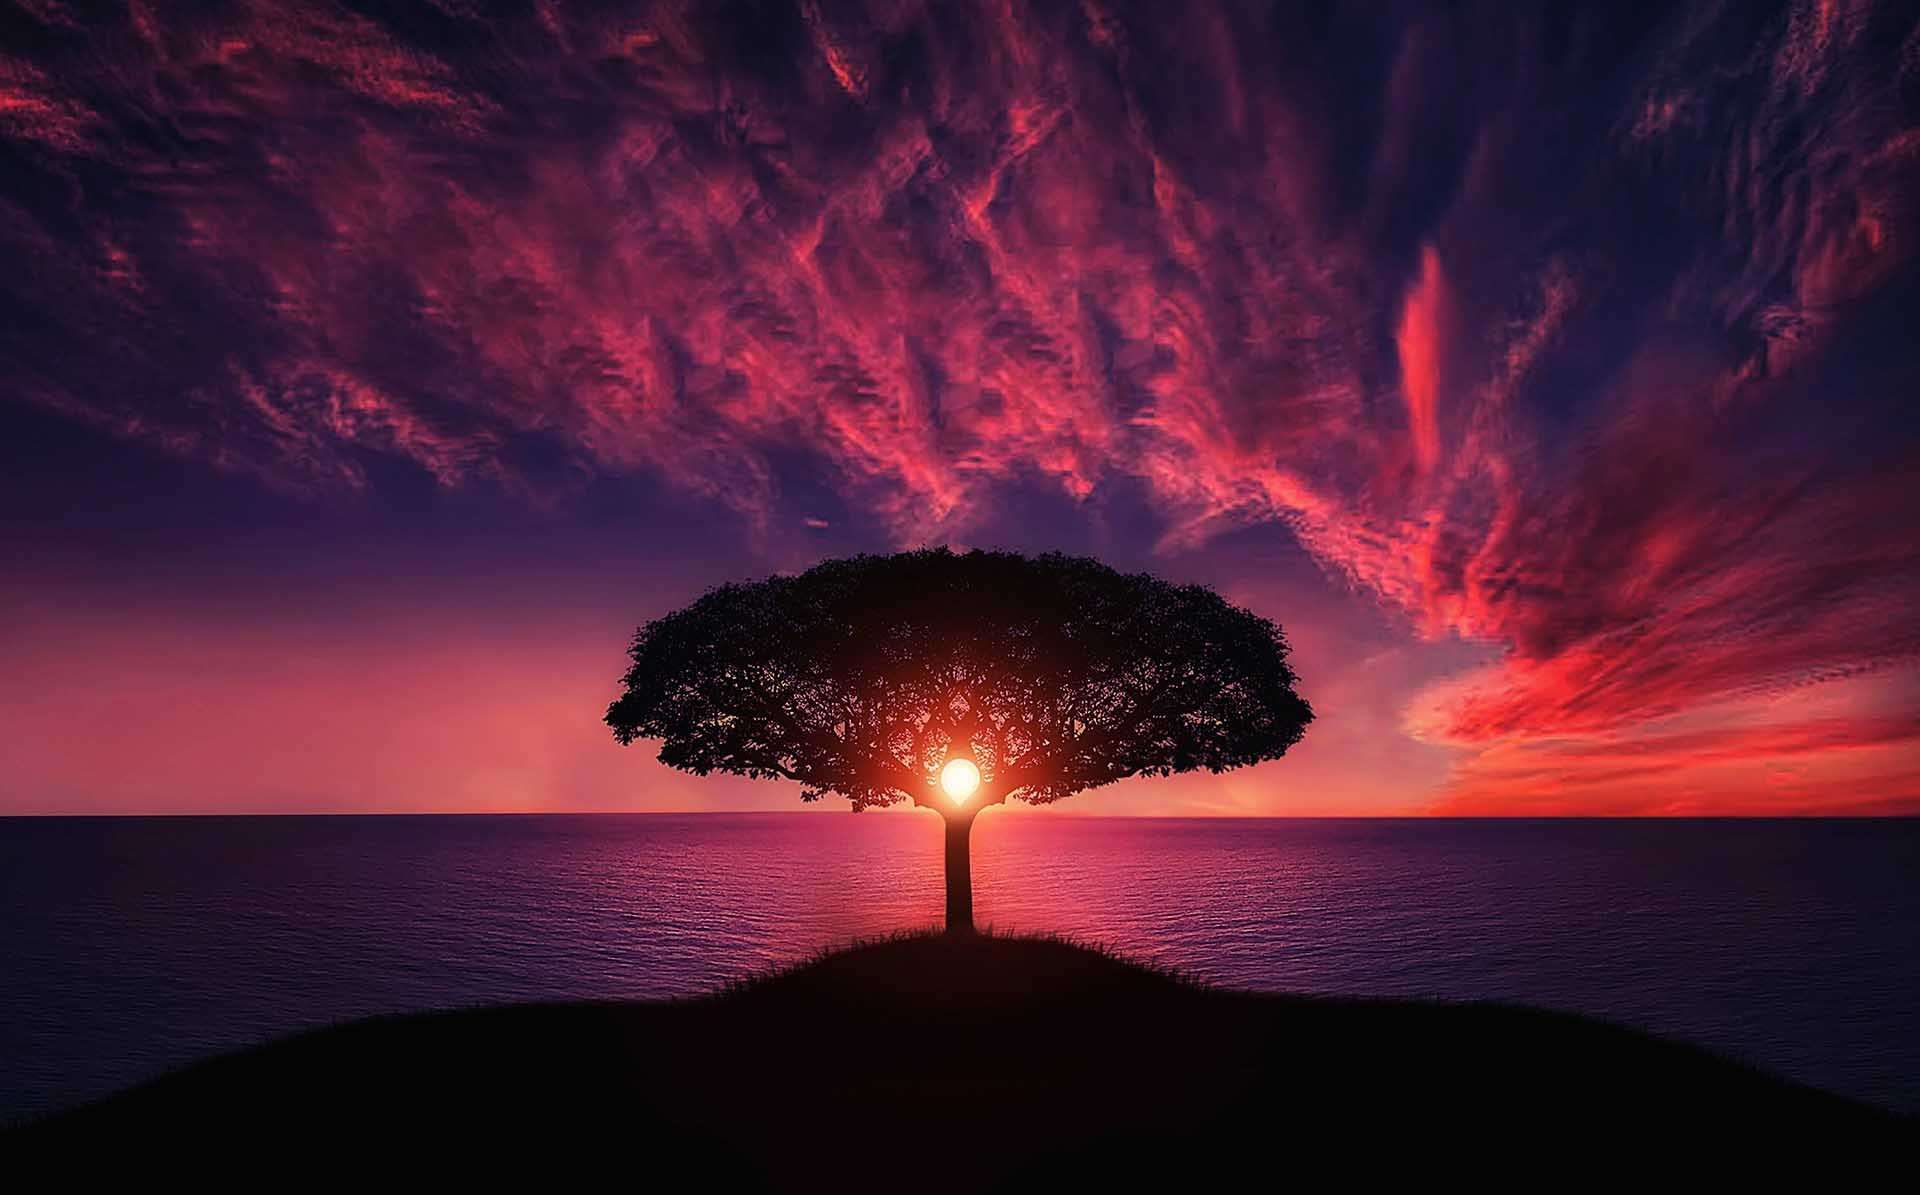 Θερινό Ηλιοστάσιο: Ο θρίαμβος της ψυχής